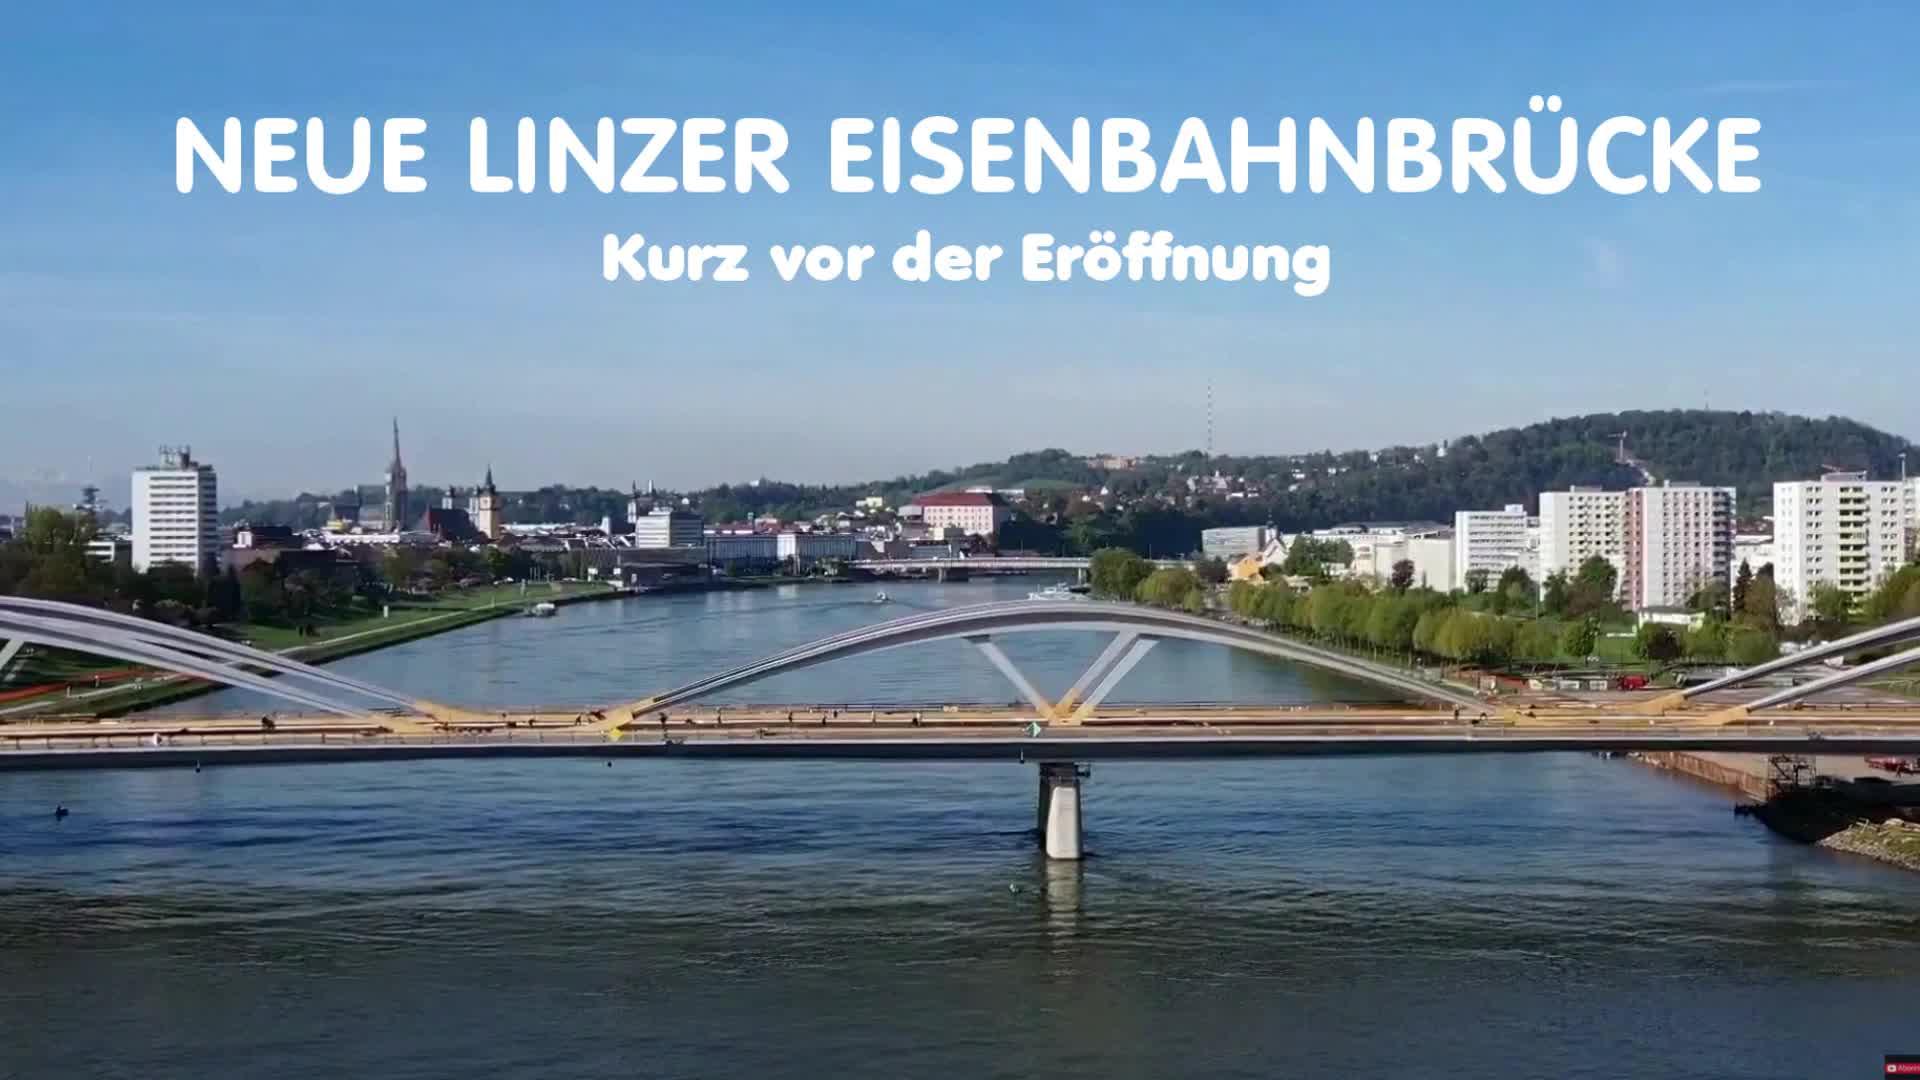 Neue Linzer Eisenbahnbrücke